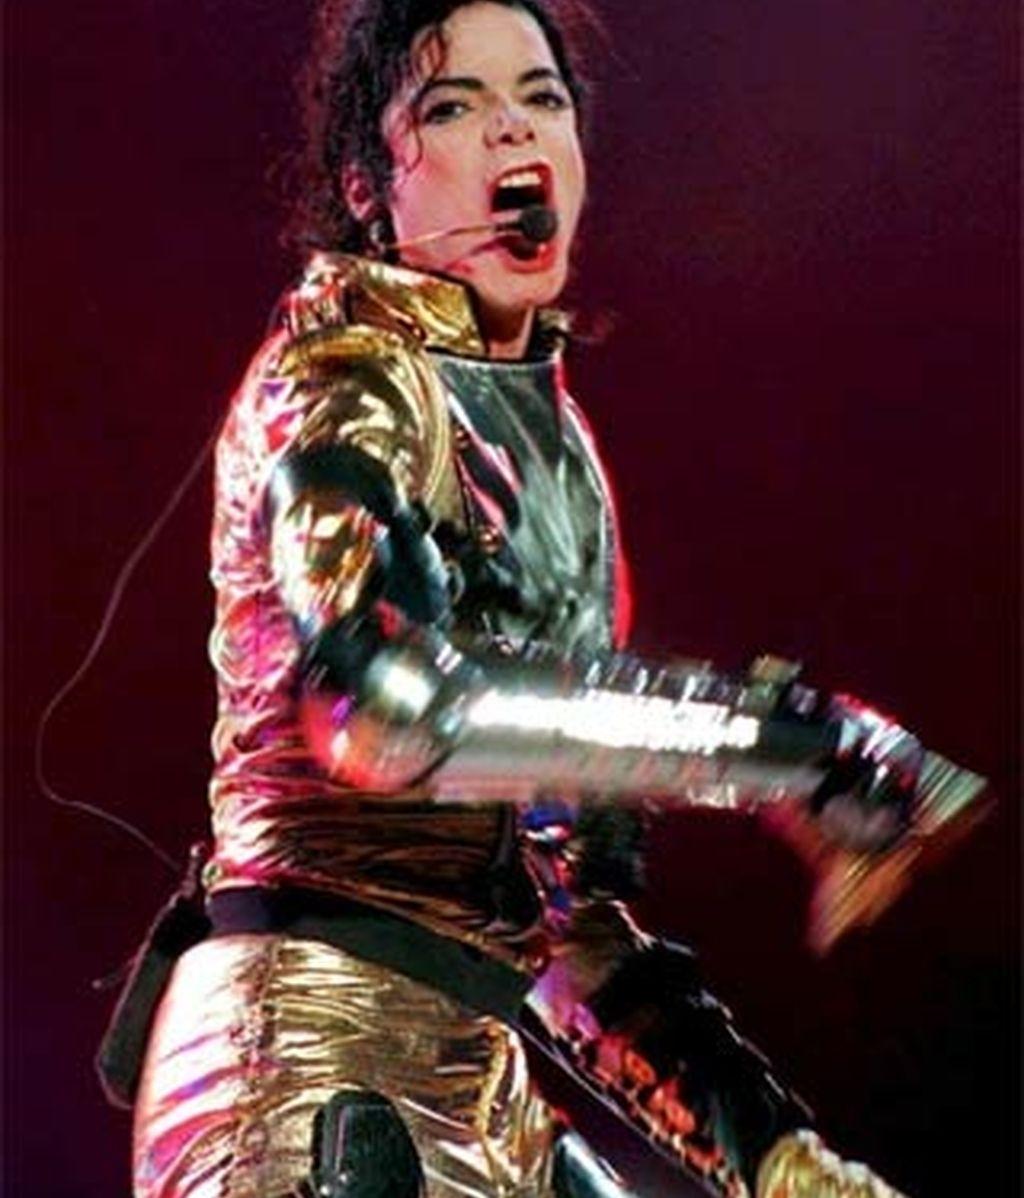 Imagen de Michael Jackson durante una actuación. Foto: EFE